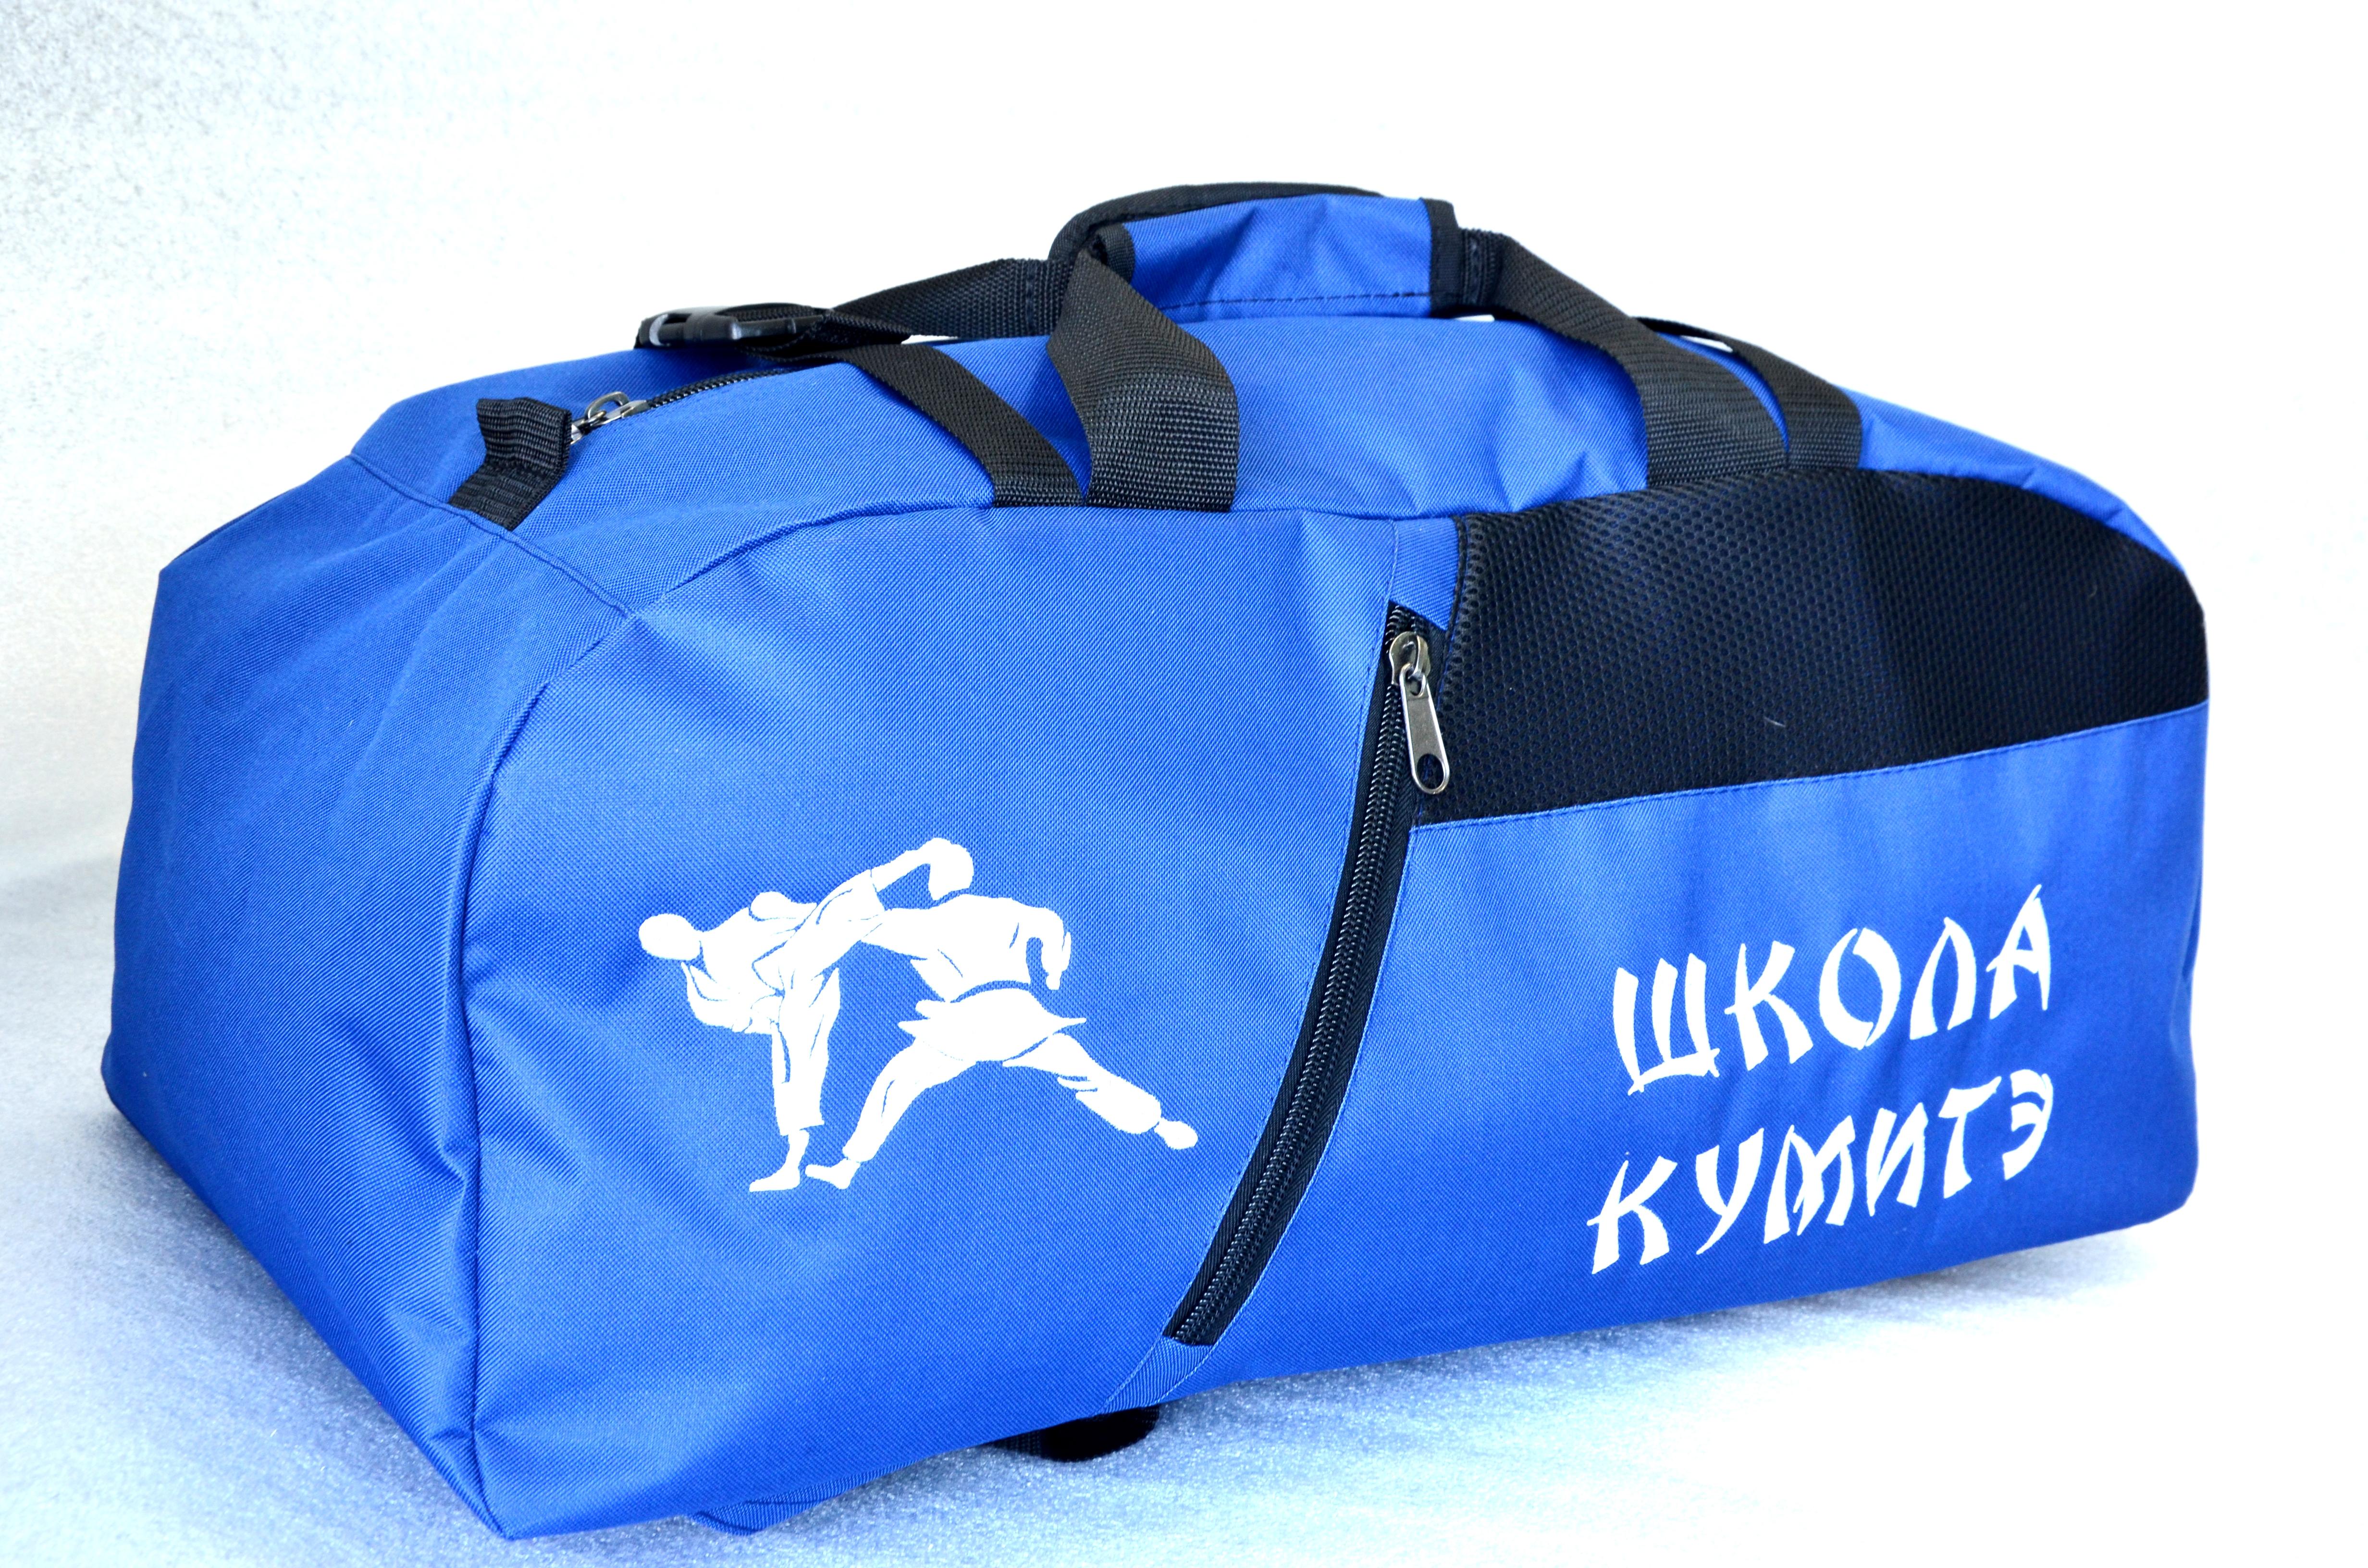 c5c43a902de3 Пошив на заказ сумок оптом, швейное производство.